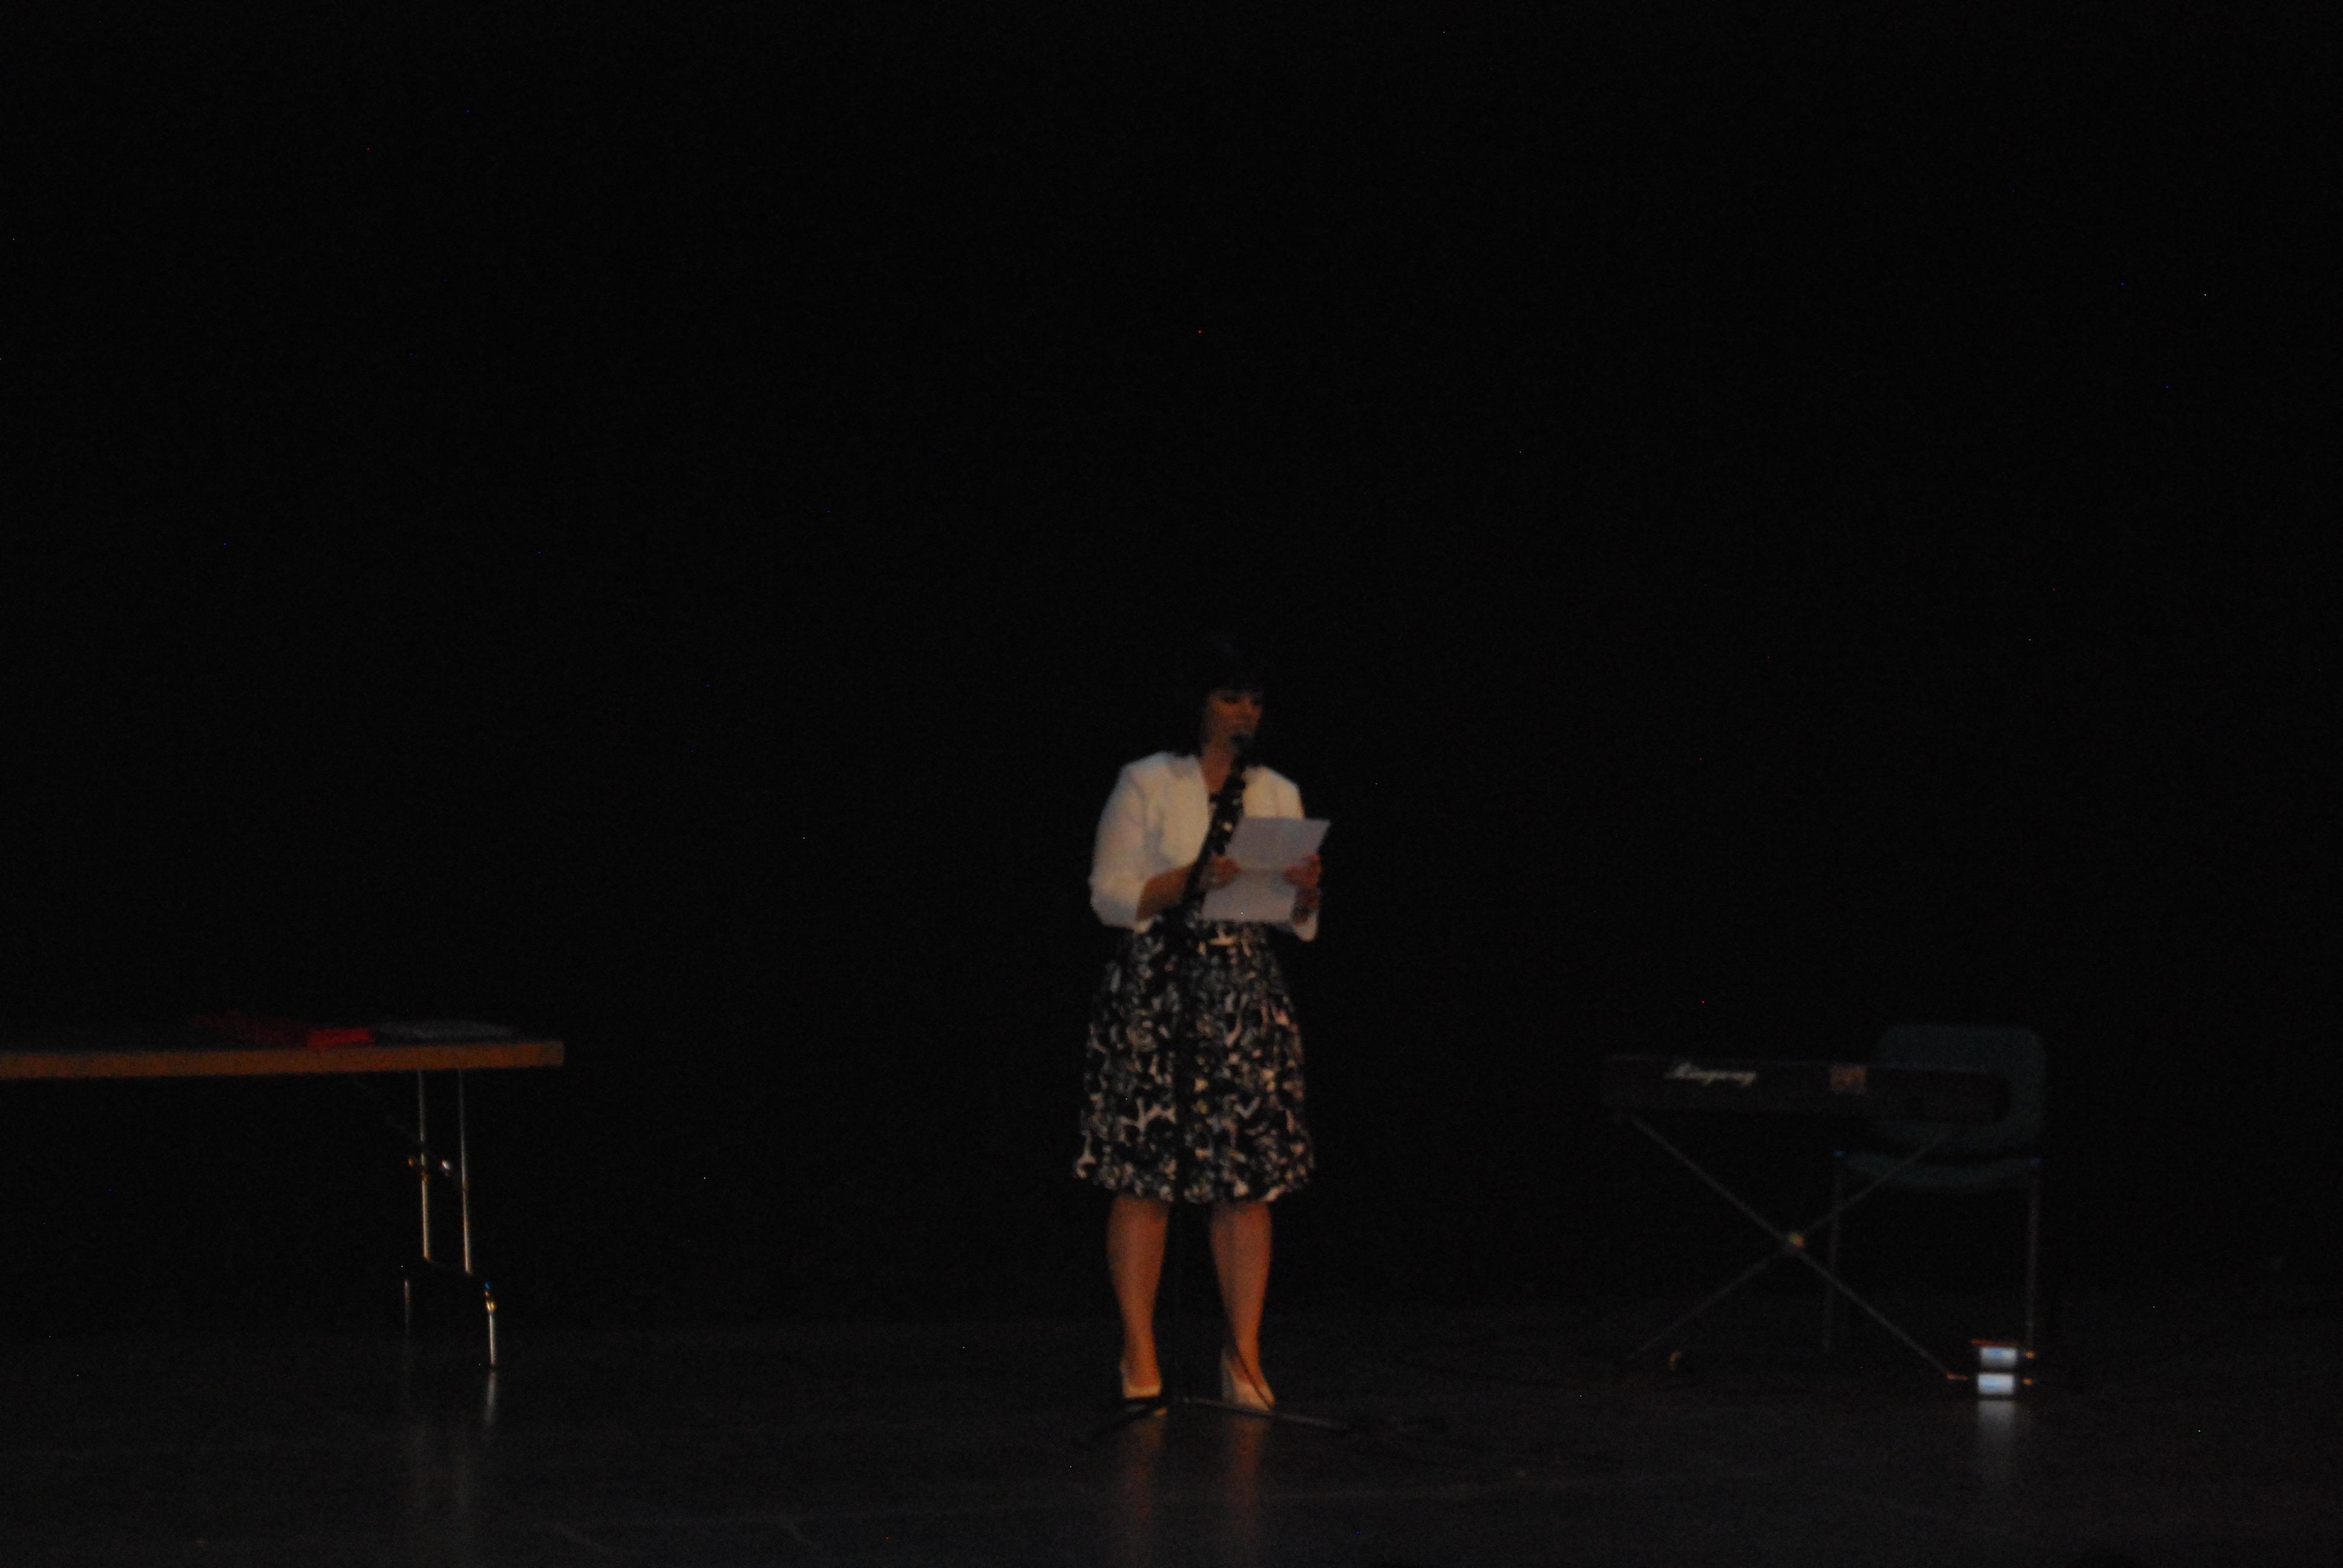 Graduación - 2º Bachillerato - Curso 2017/18 - Álbum # 5 1